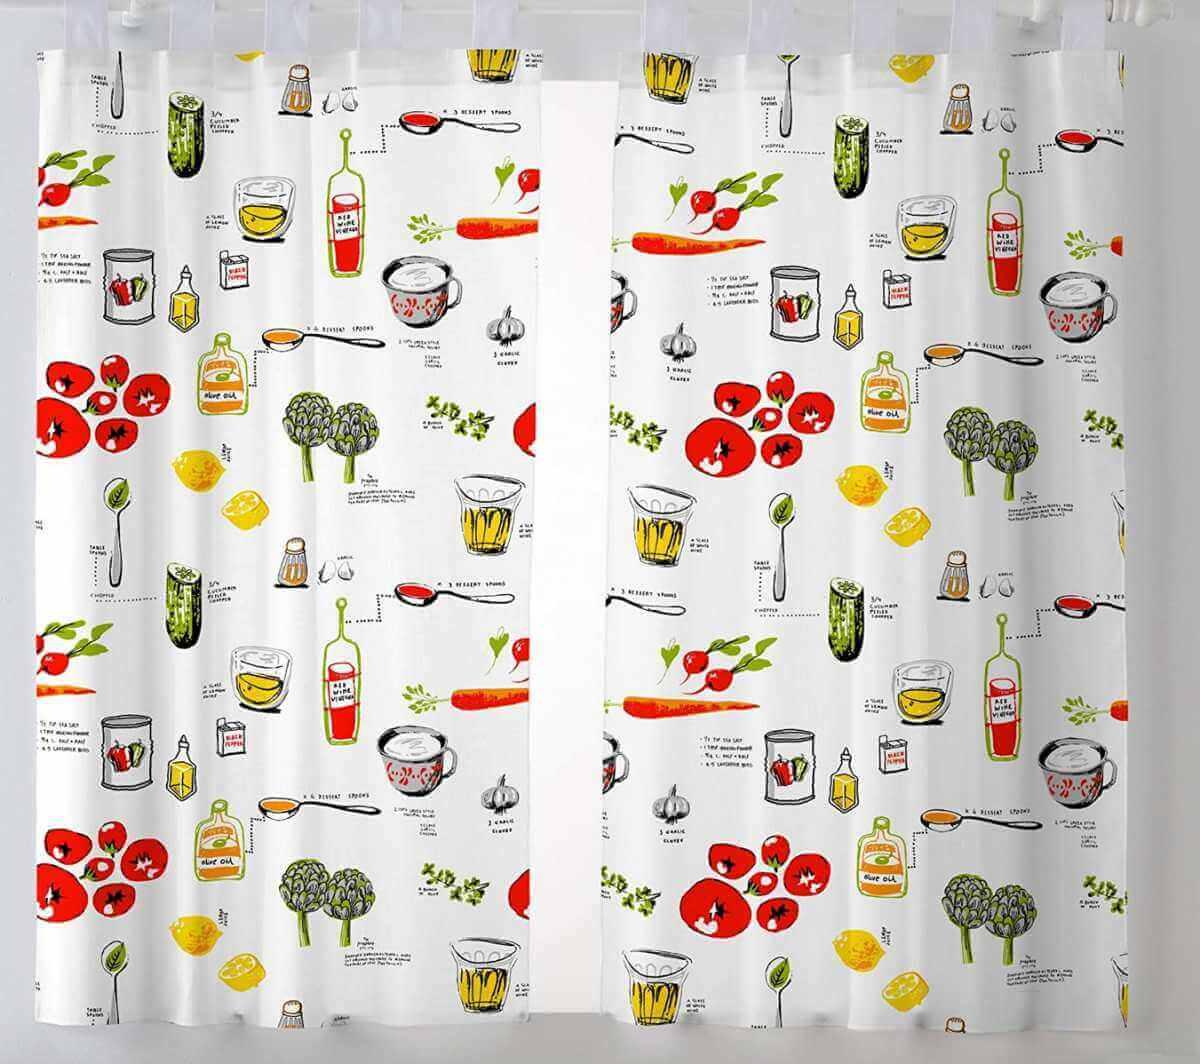 Gordijnen met prints voor een keuken